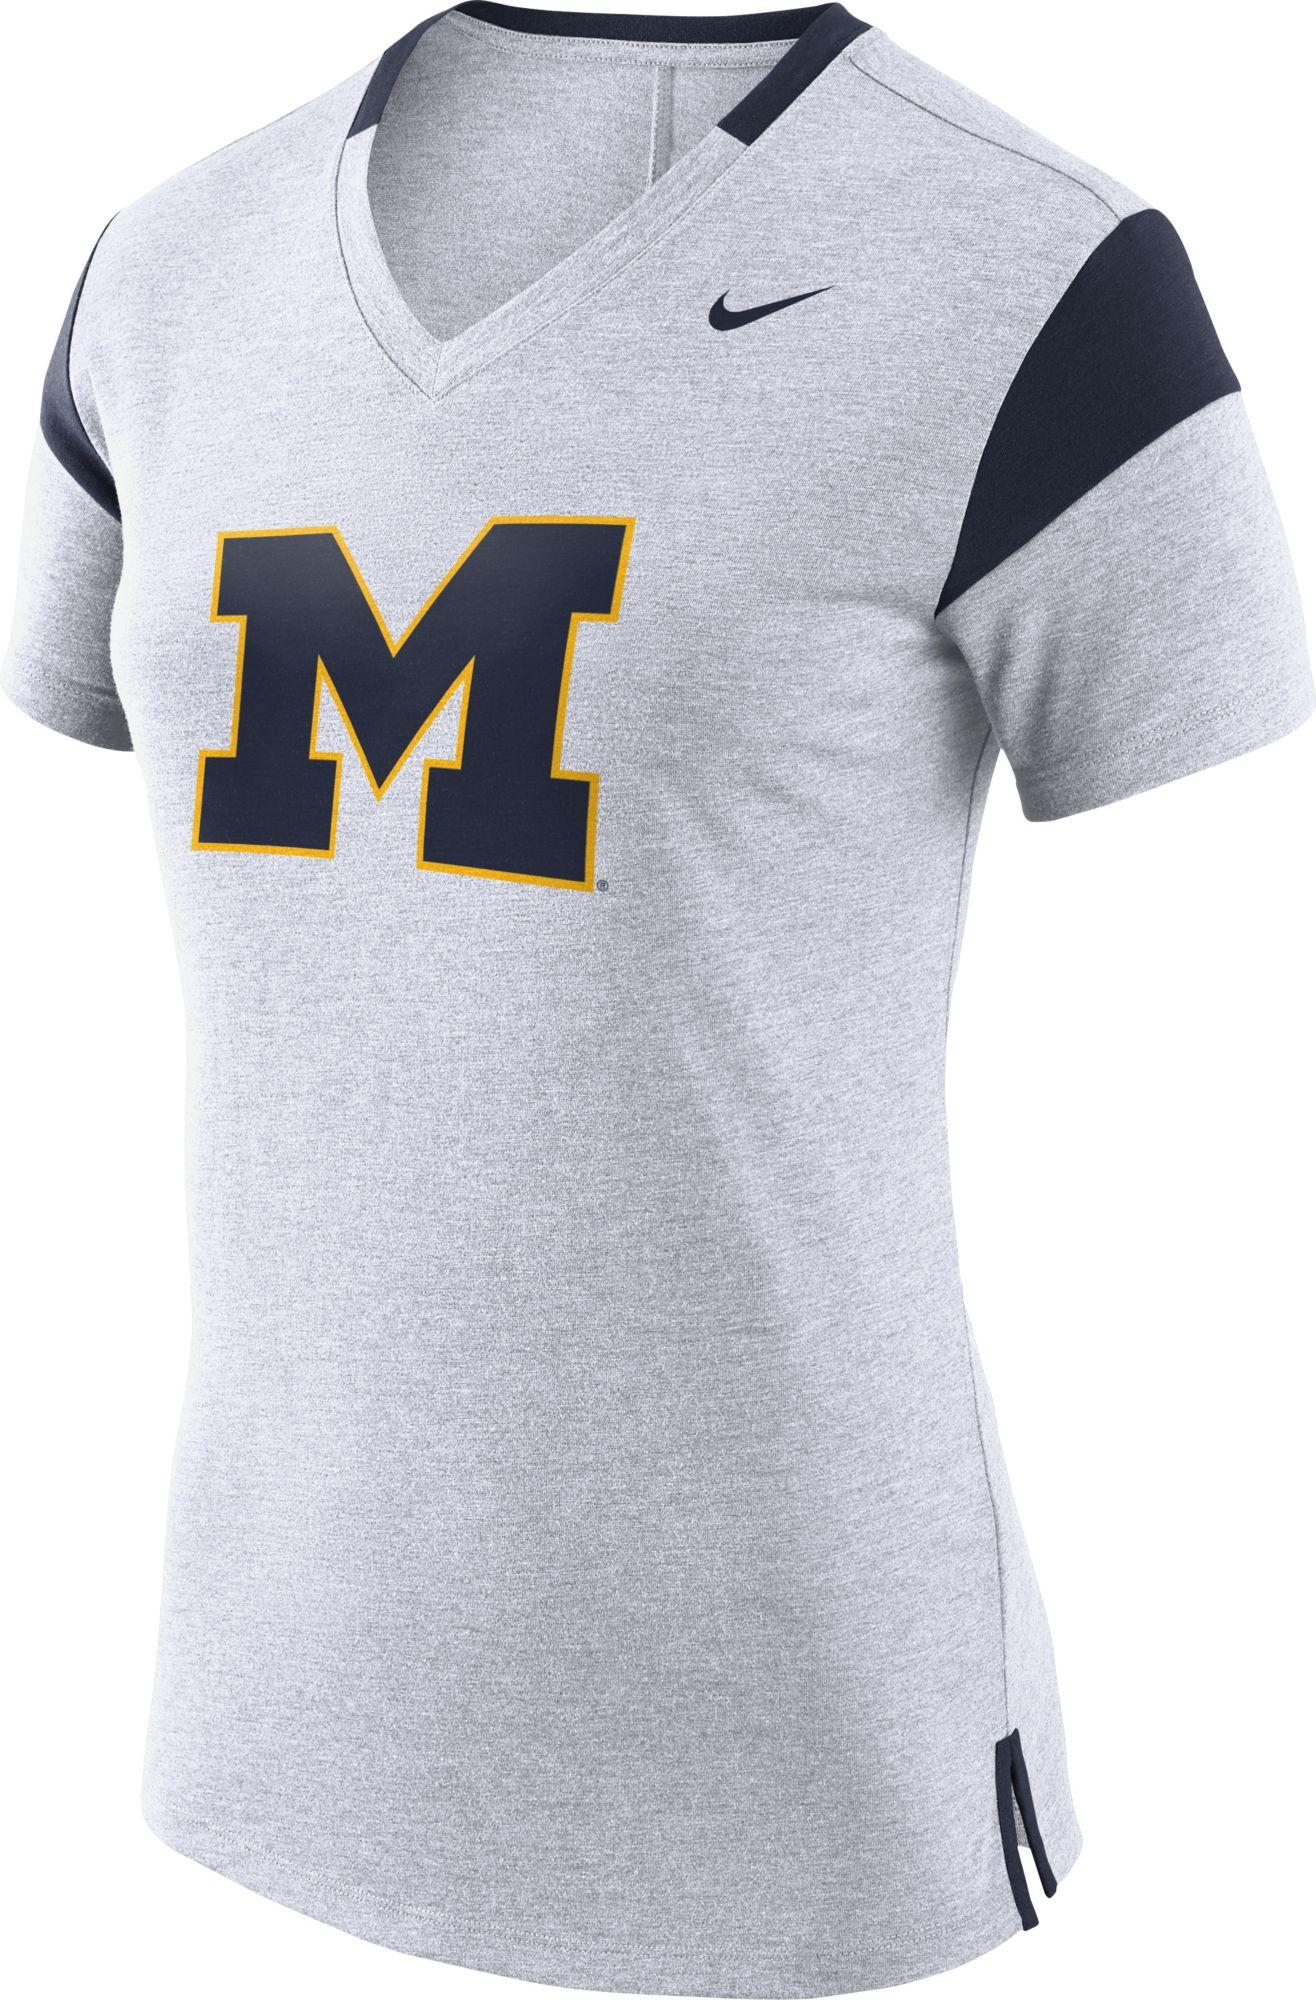 Nike Women's Michigan Wolverines White/Blue Fan VNeck T